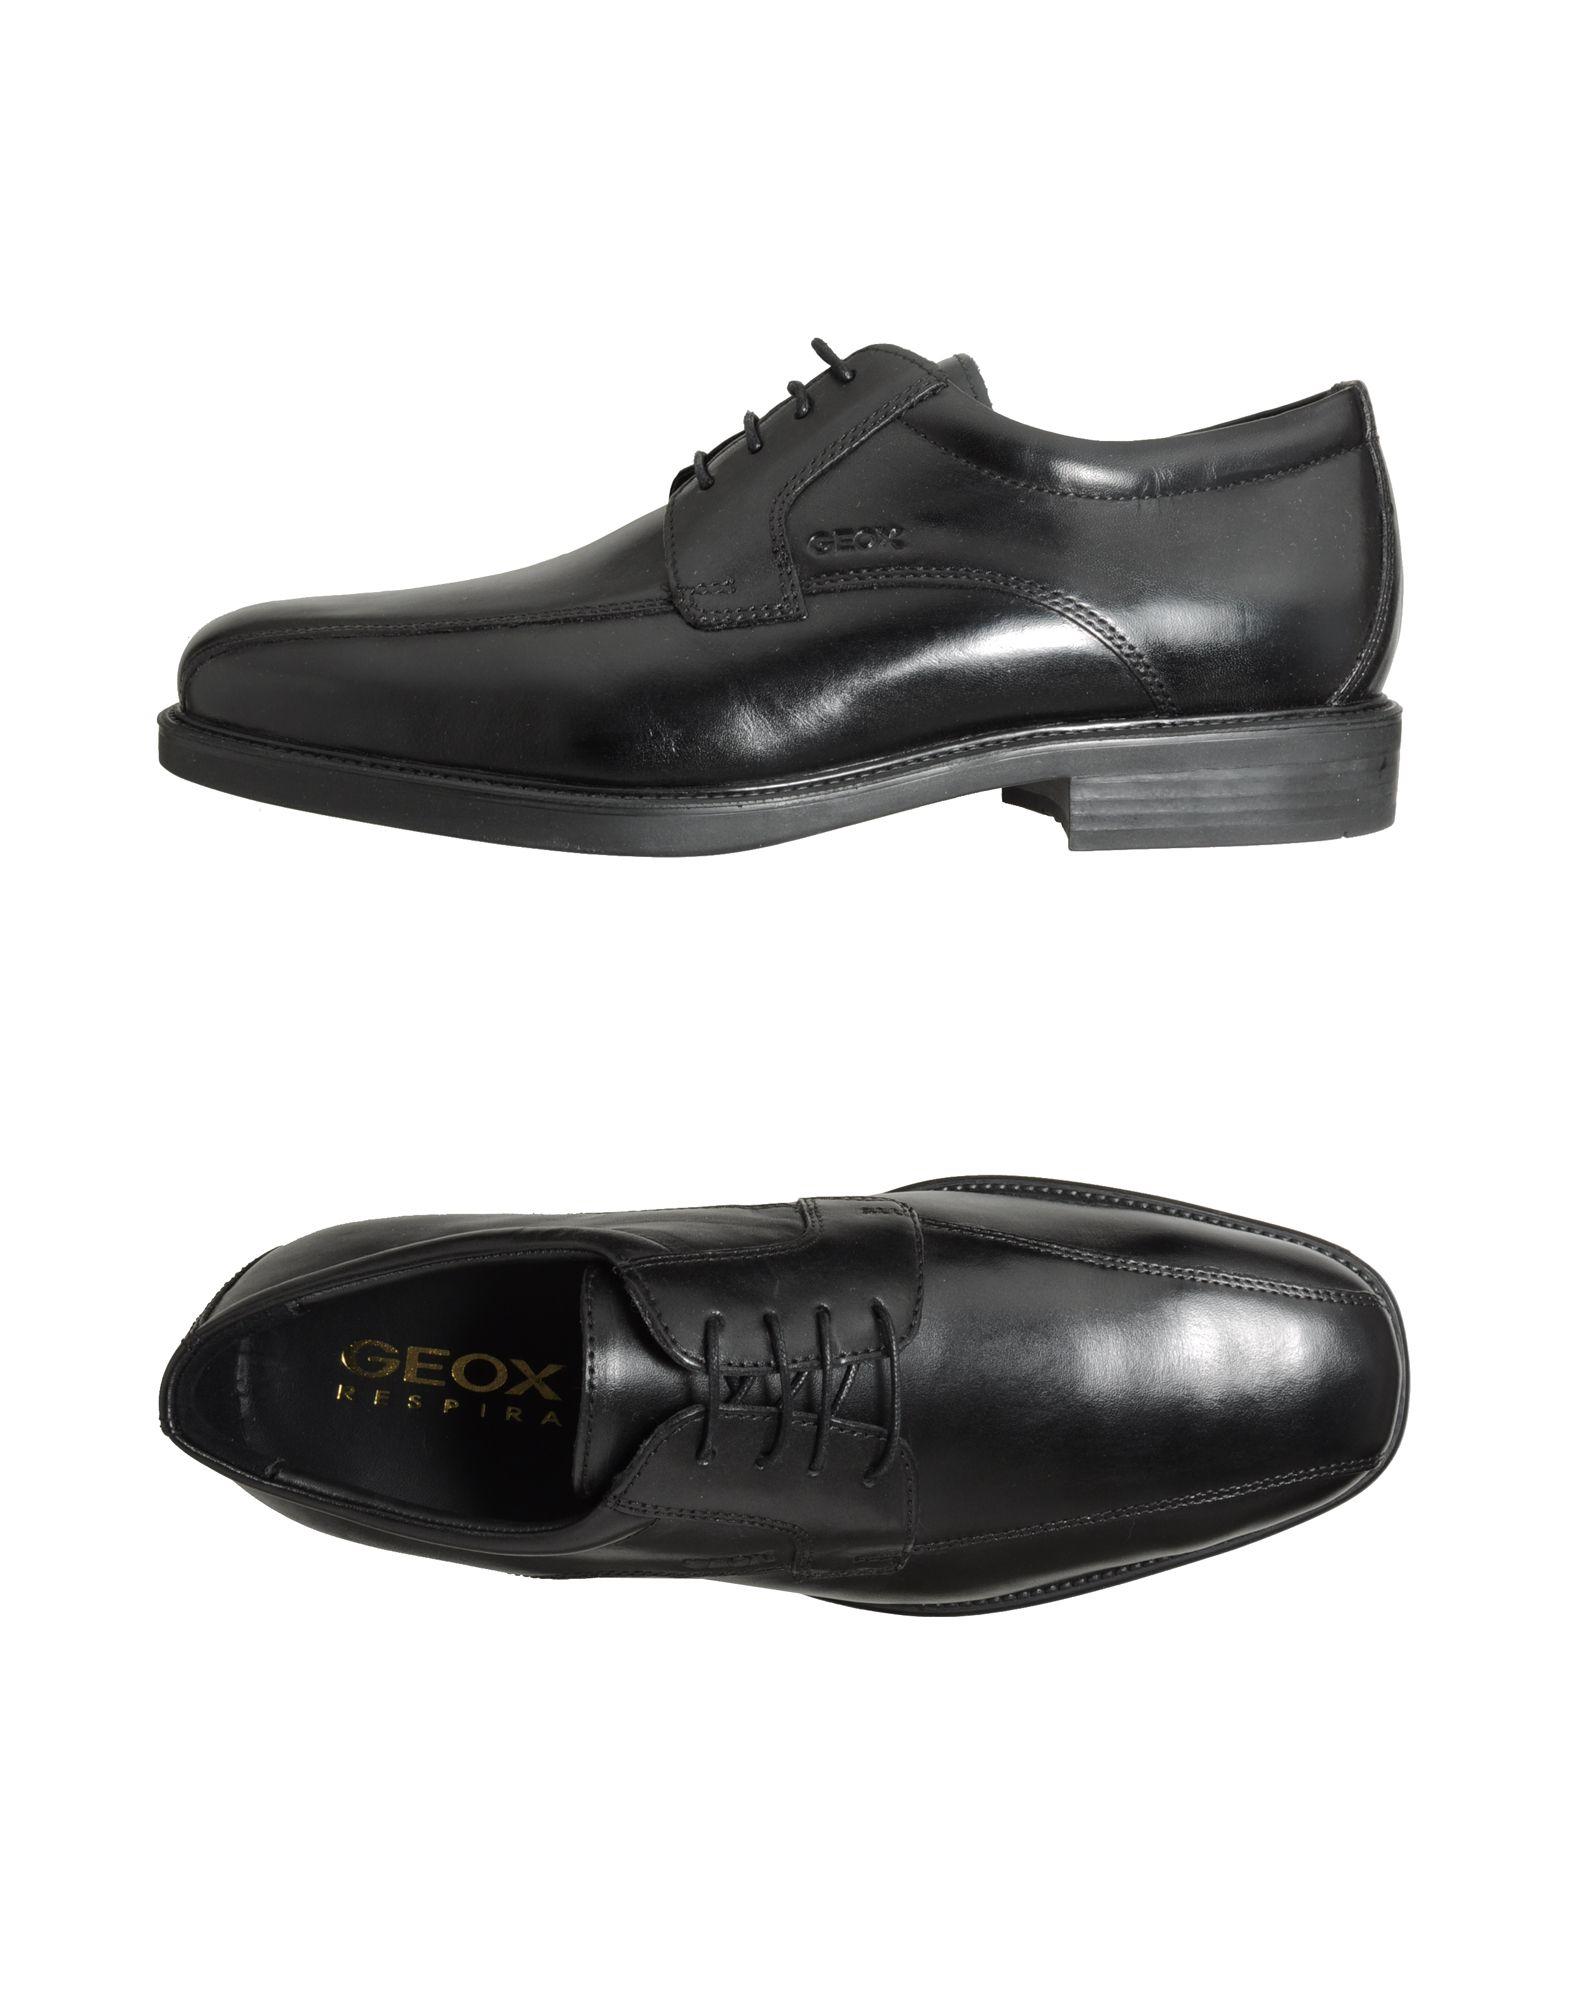 GEOX Обувь на шнурках amerie varmilo cherry cherry оригинальный зеленый вал германия издание нет света 87 ключевой лазер выгравированный выгравированный персо